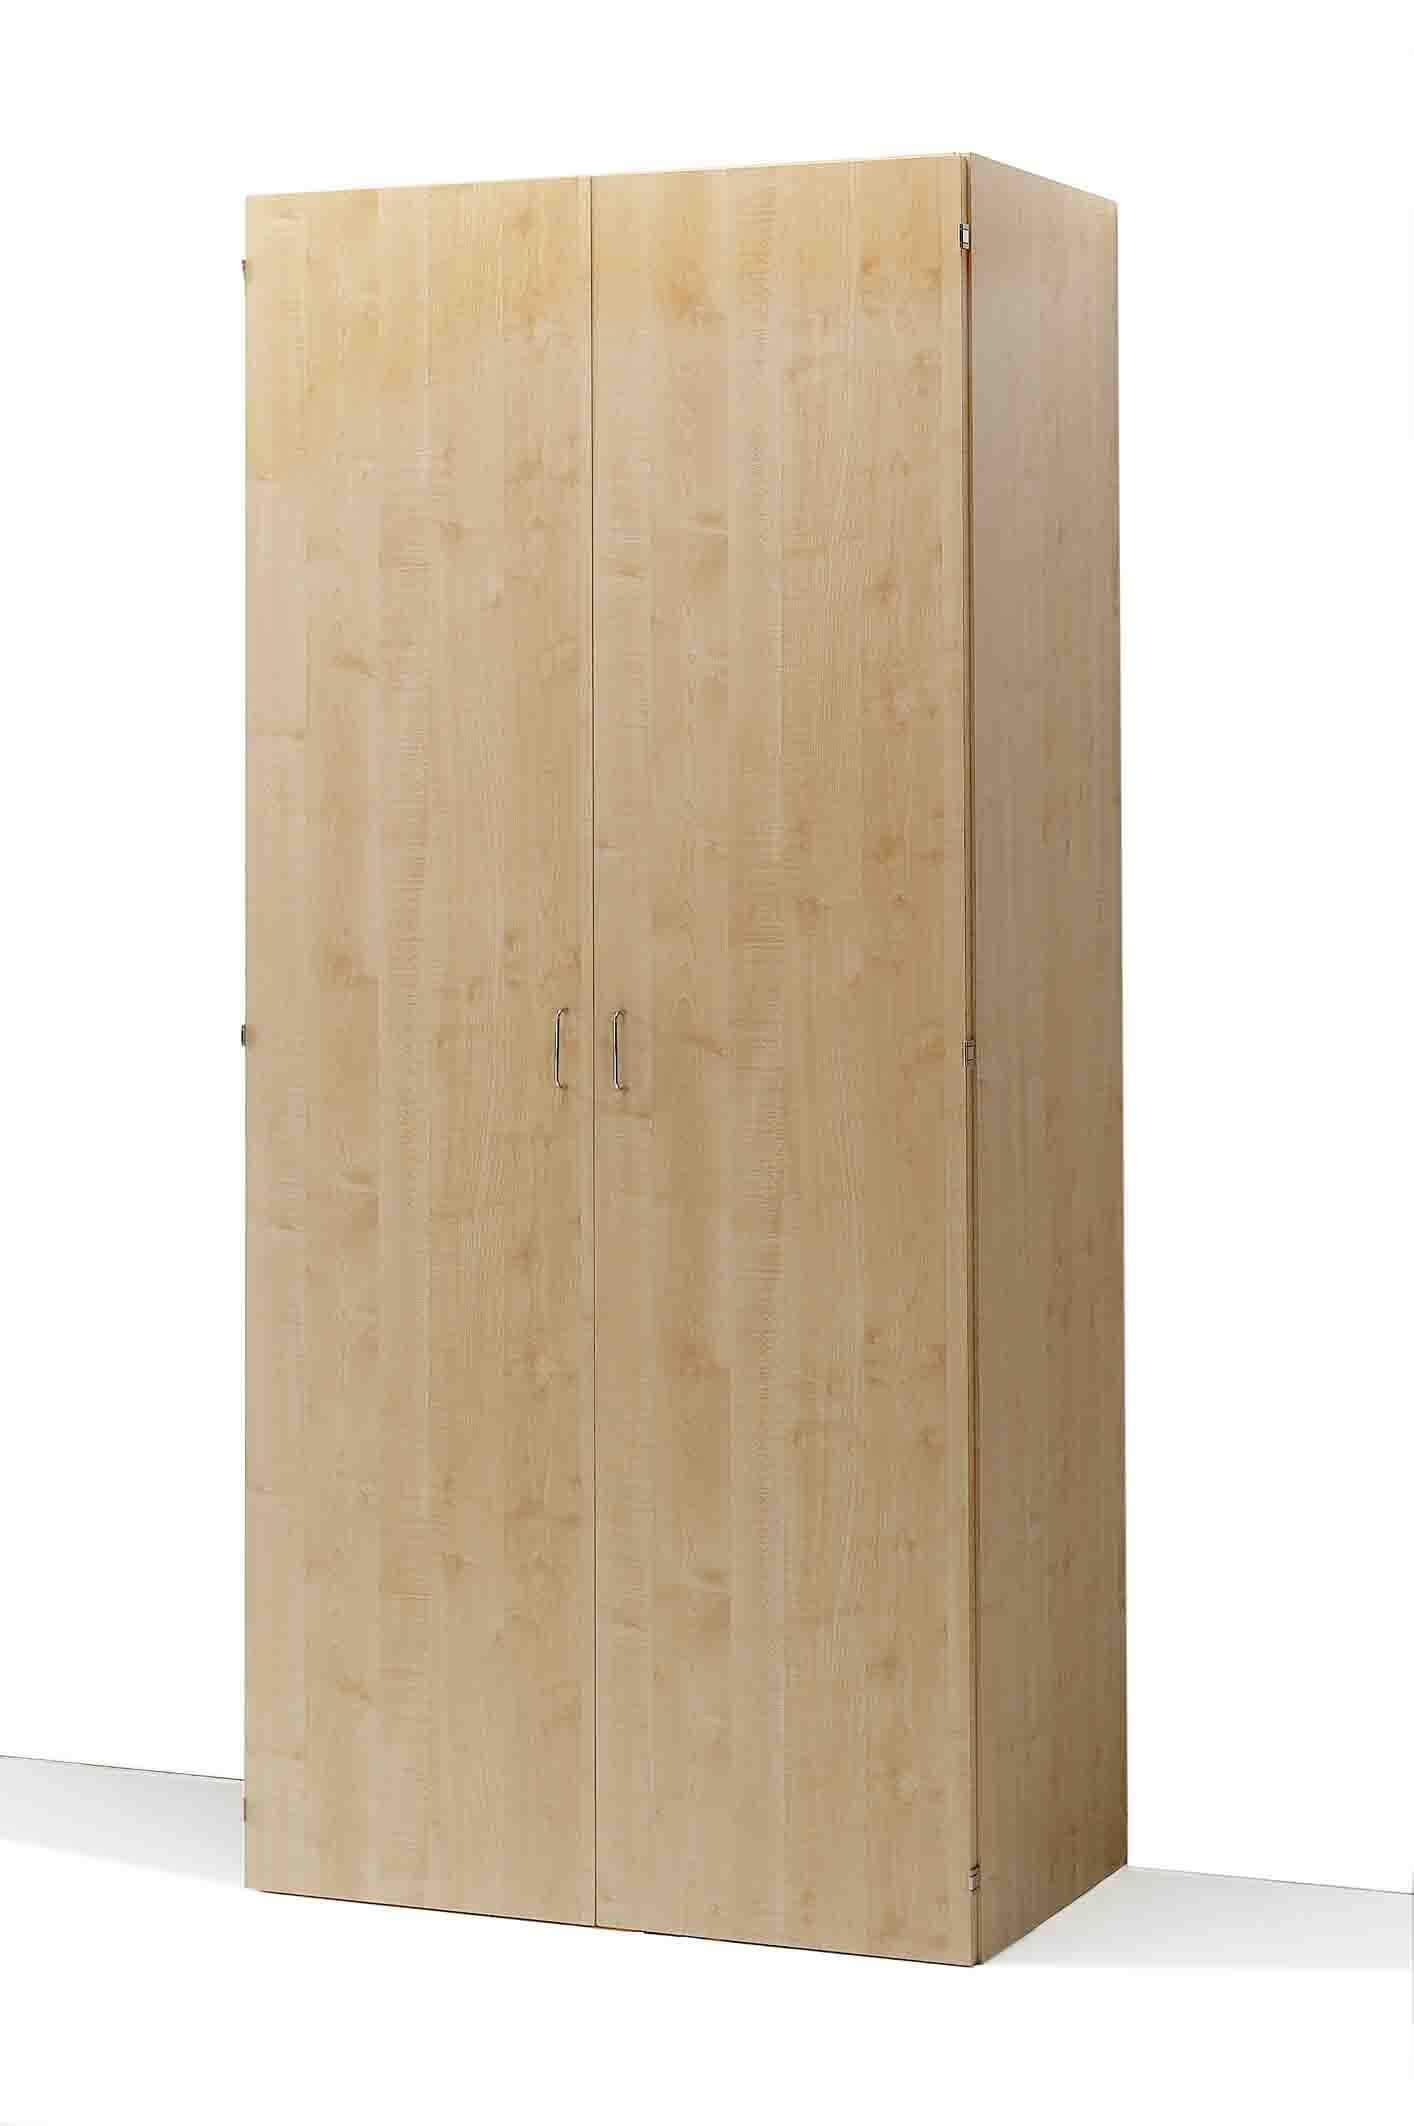 Letto a Scomparsa Modello Castello verticale doppio singolo